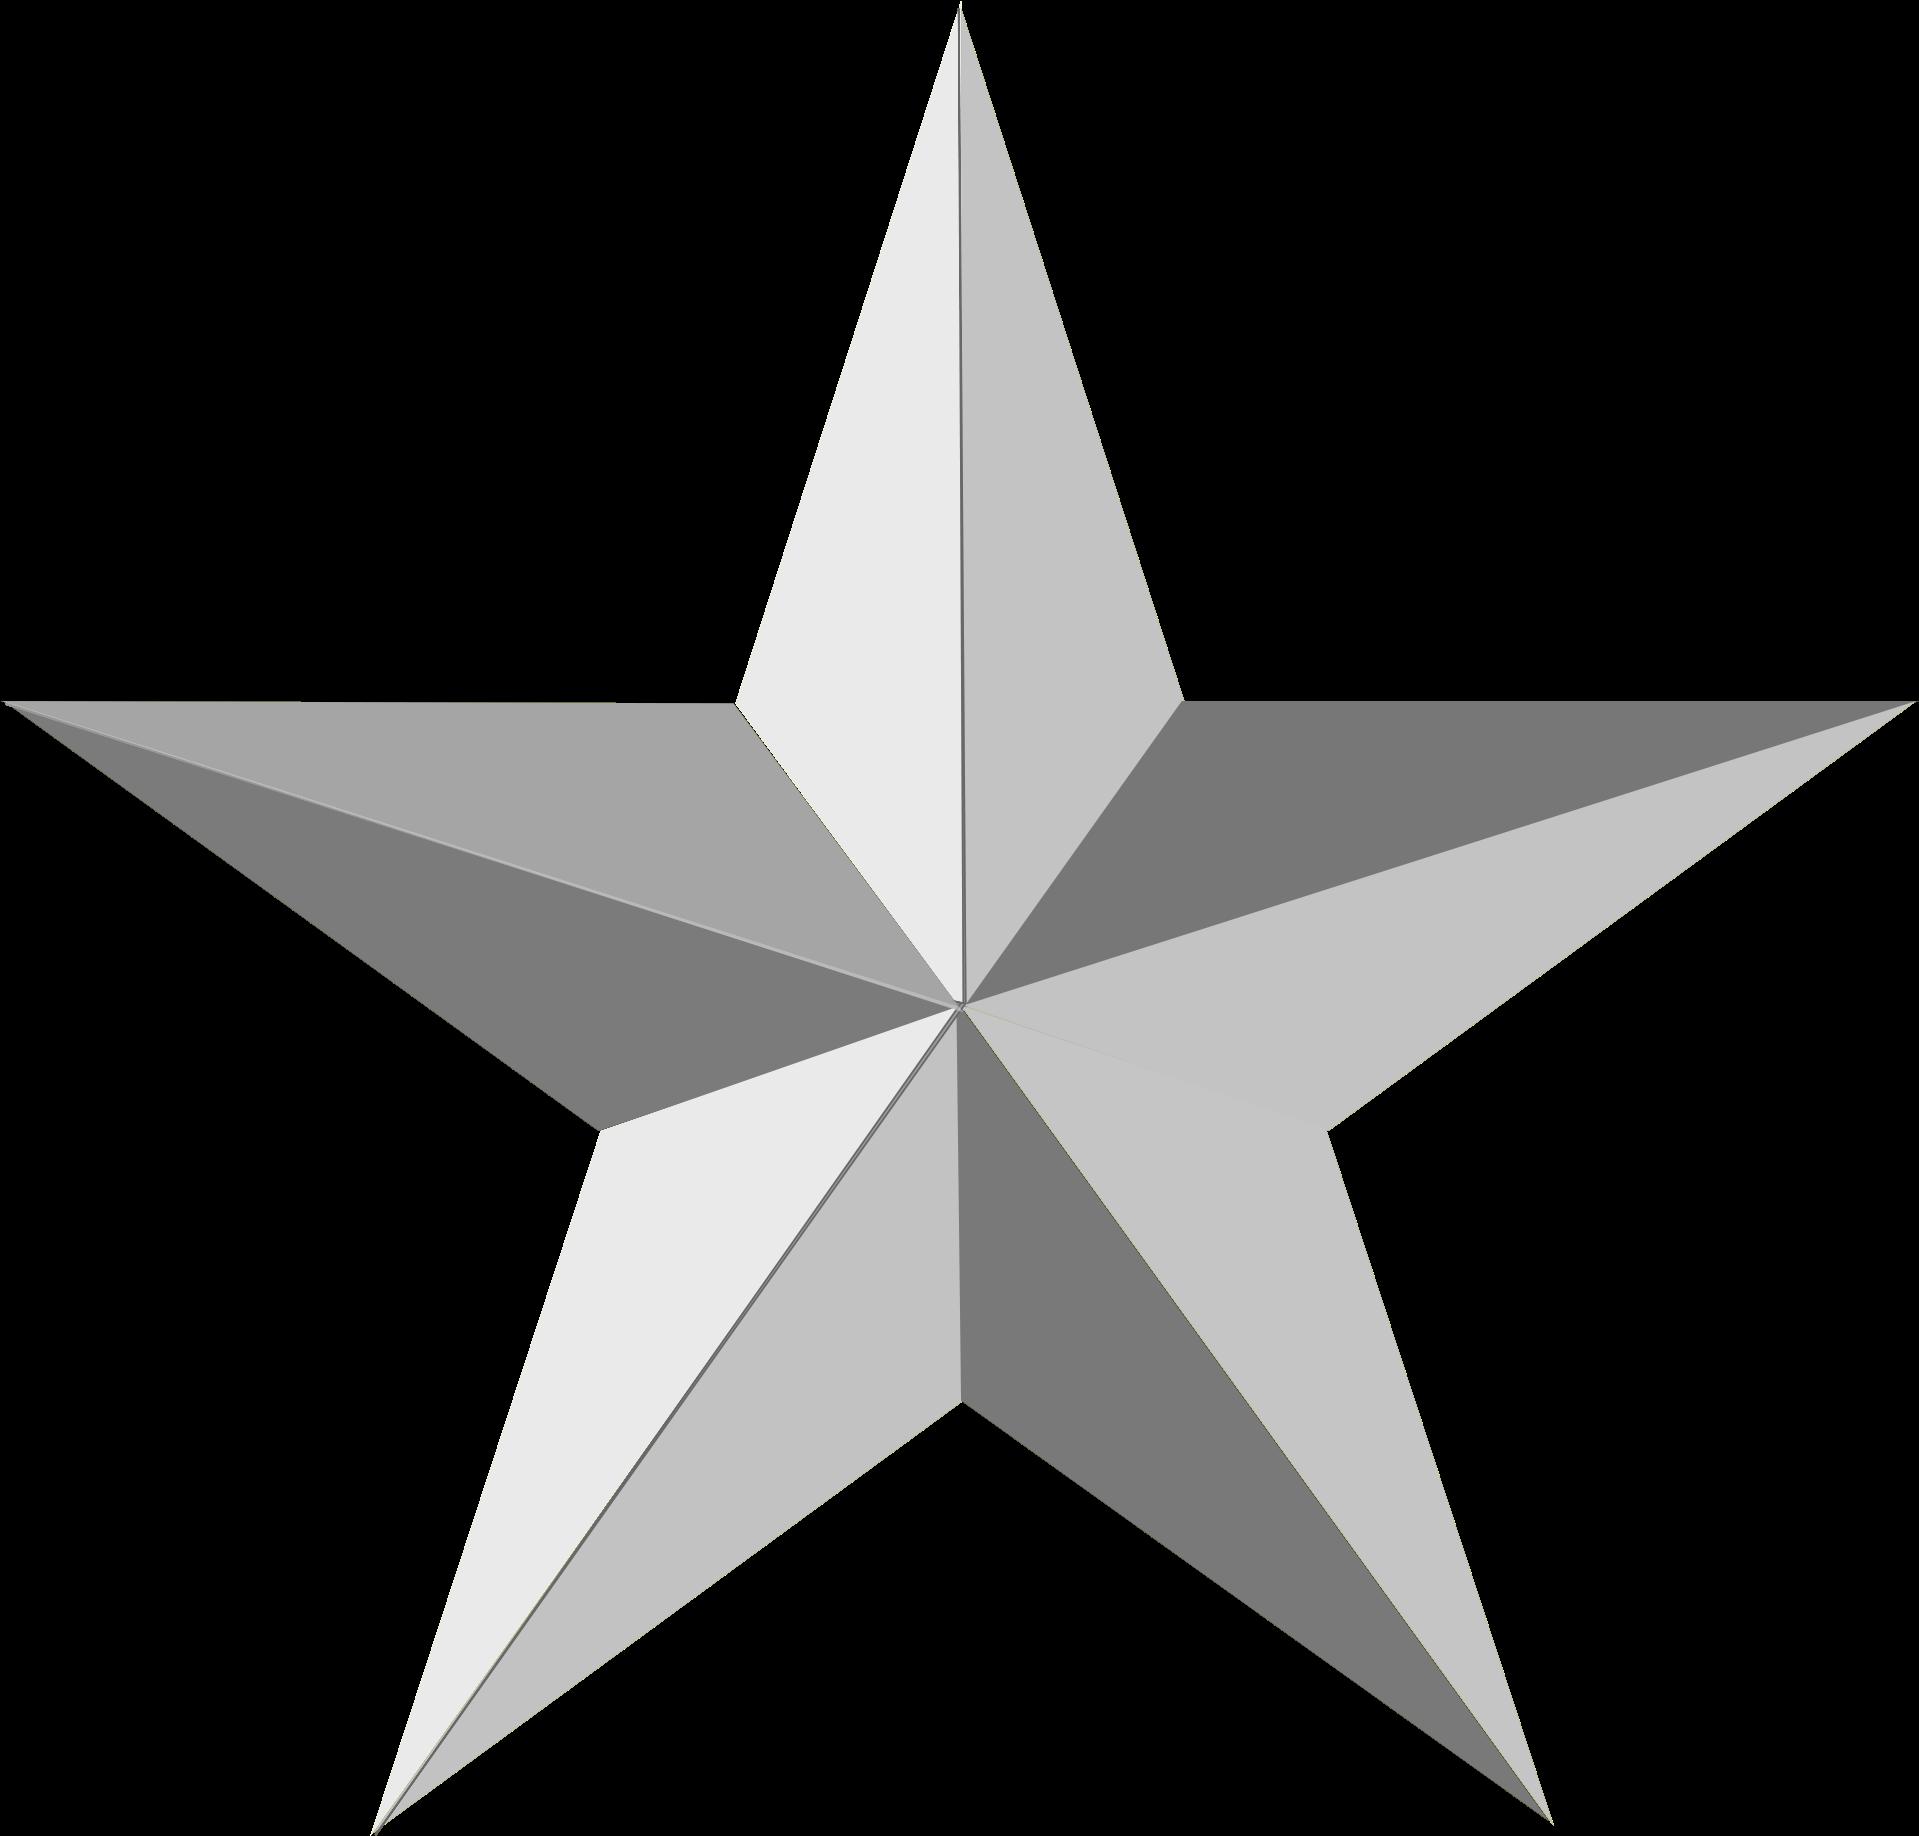 Transparent Christmas Star Clip Art - Silver Star No ...